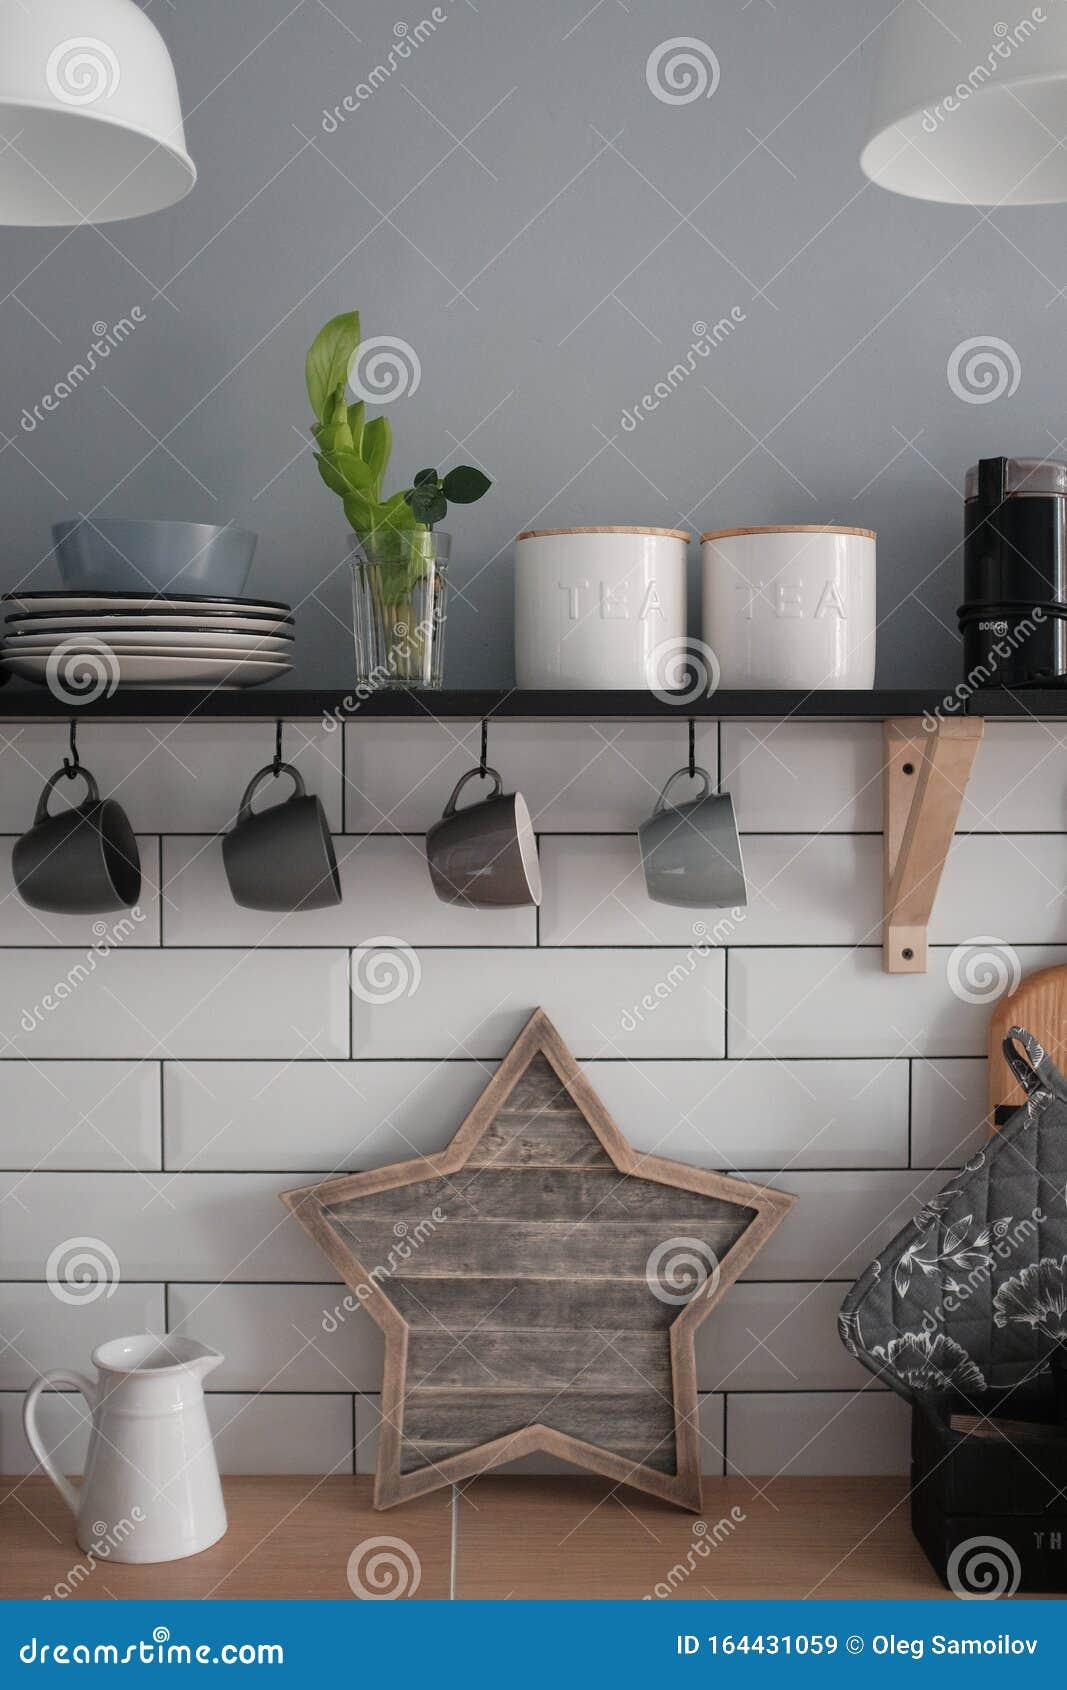 Moderne Sonnige Kuche Im Skandinavischen Stil Kuchenmobel Geschirr Gewurze Stockbild Bild Von Gewurze Sonnige 164431059